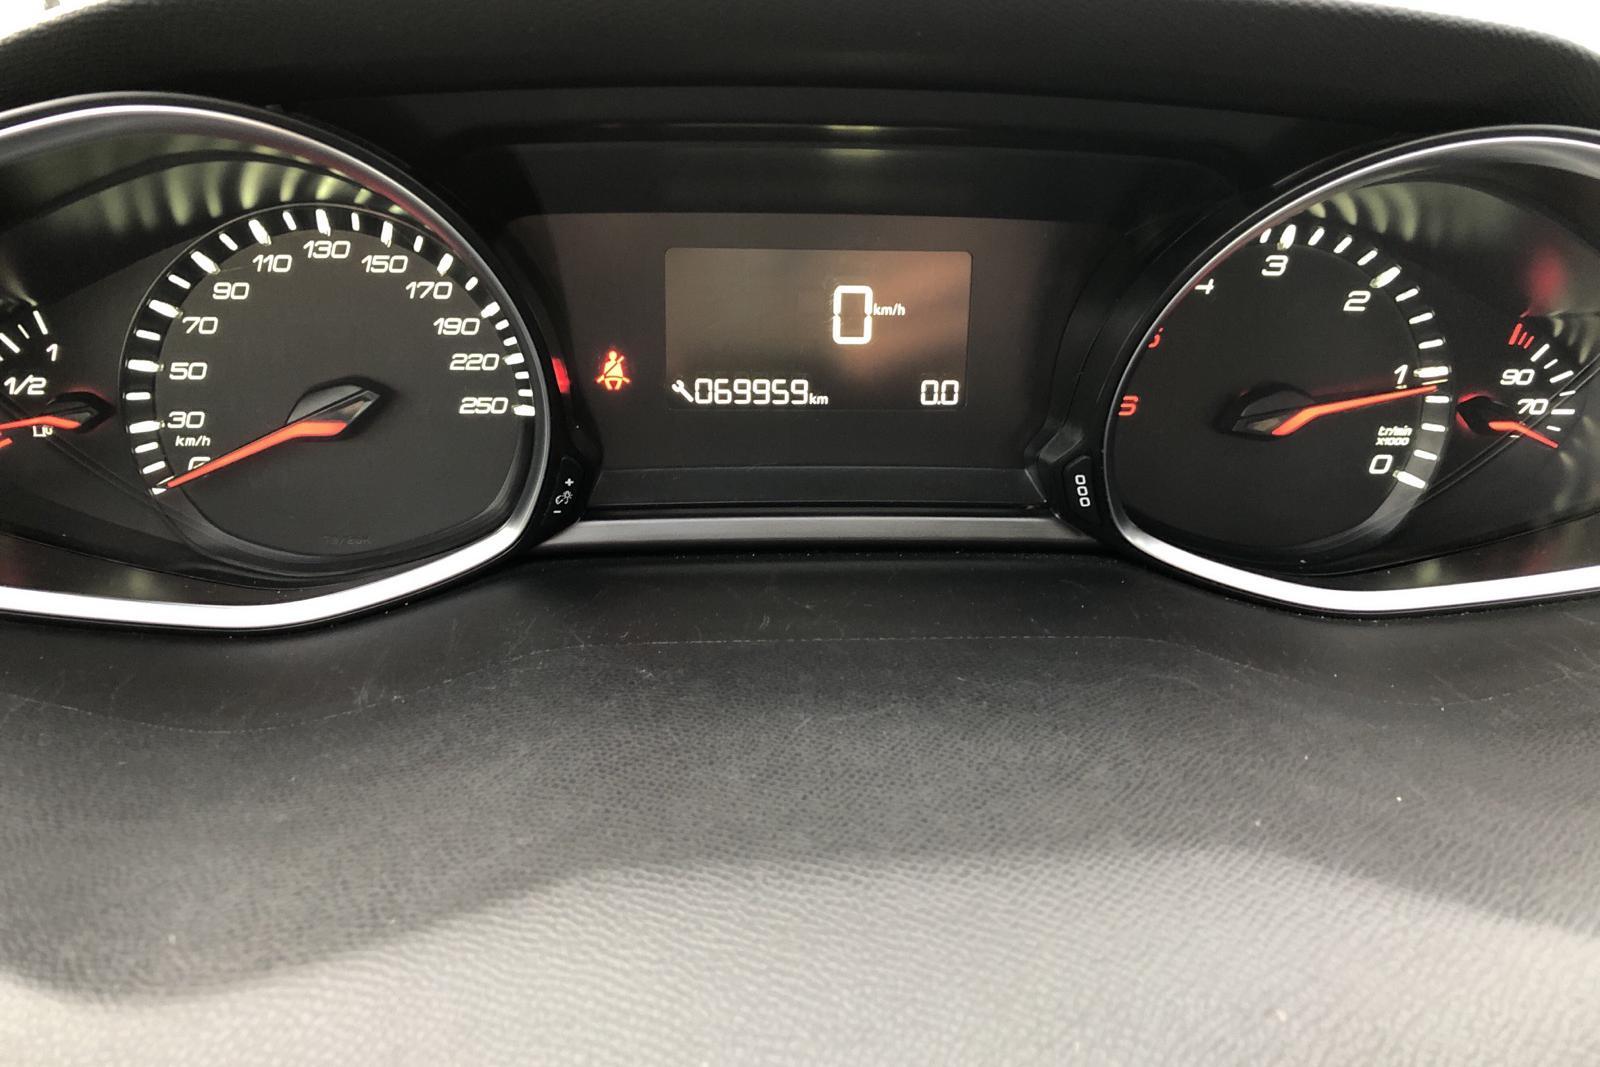 Peugeot 308 SW BlueHDi (120hk) - 69 950 km - Manual - white - 2017